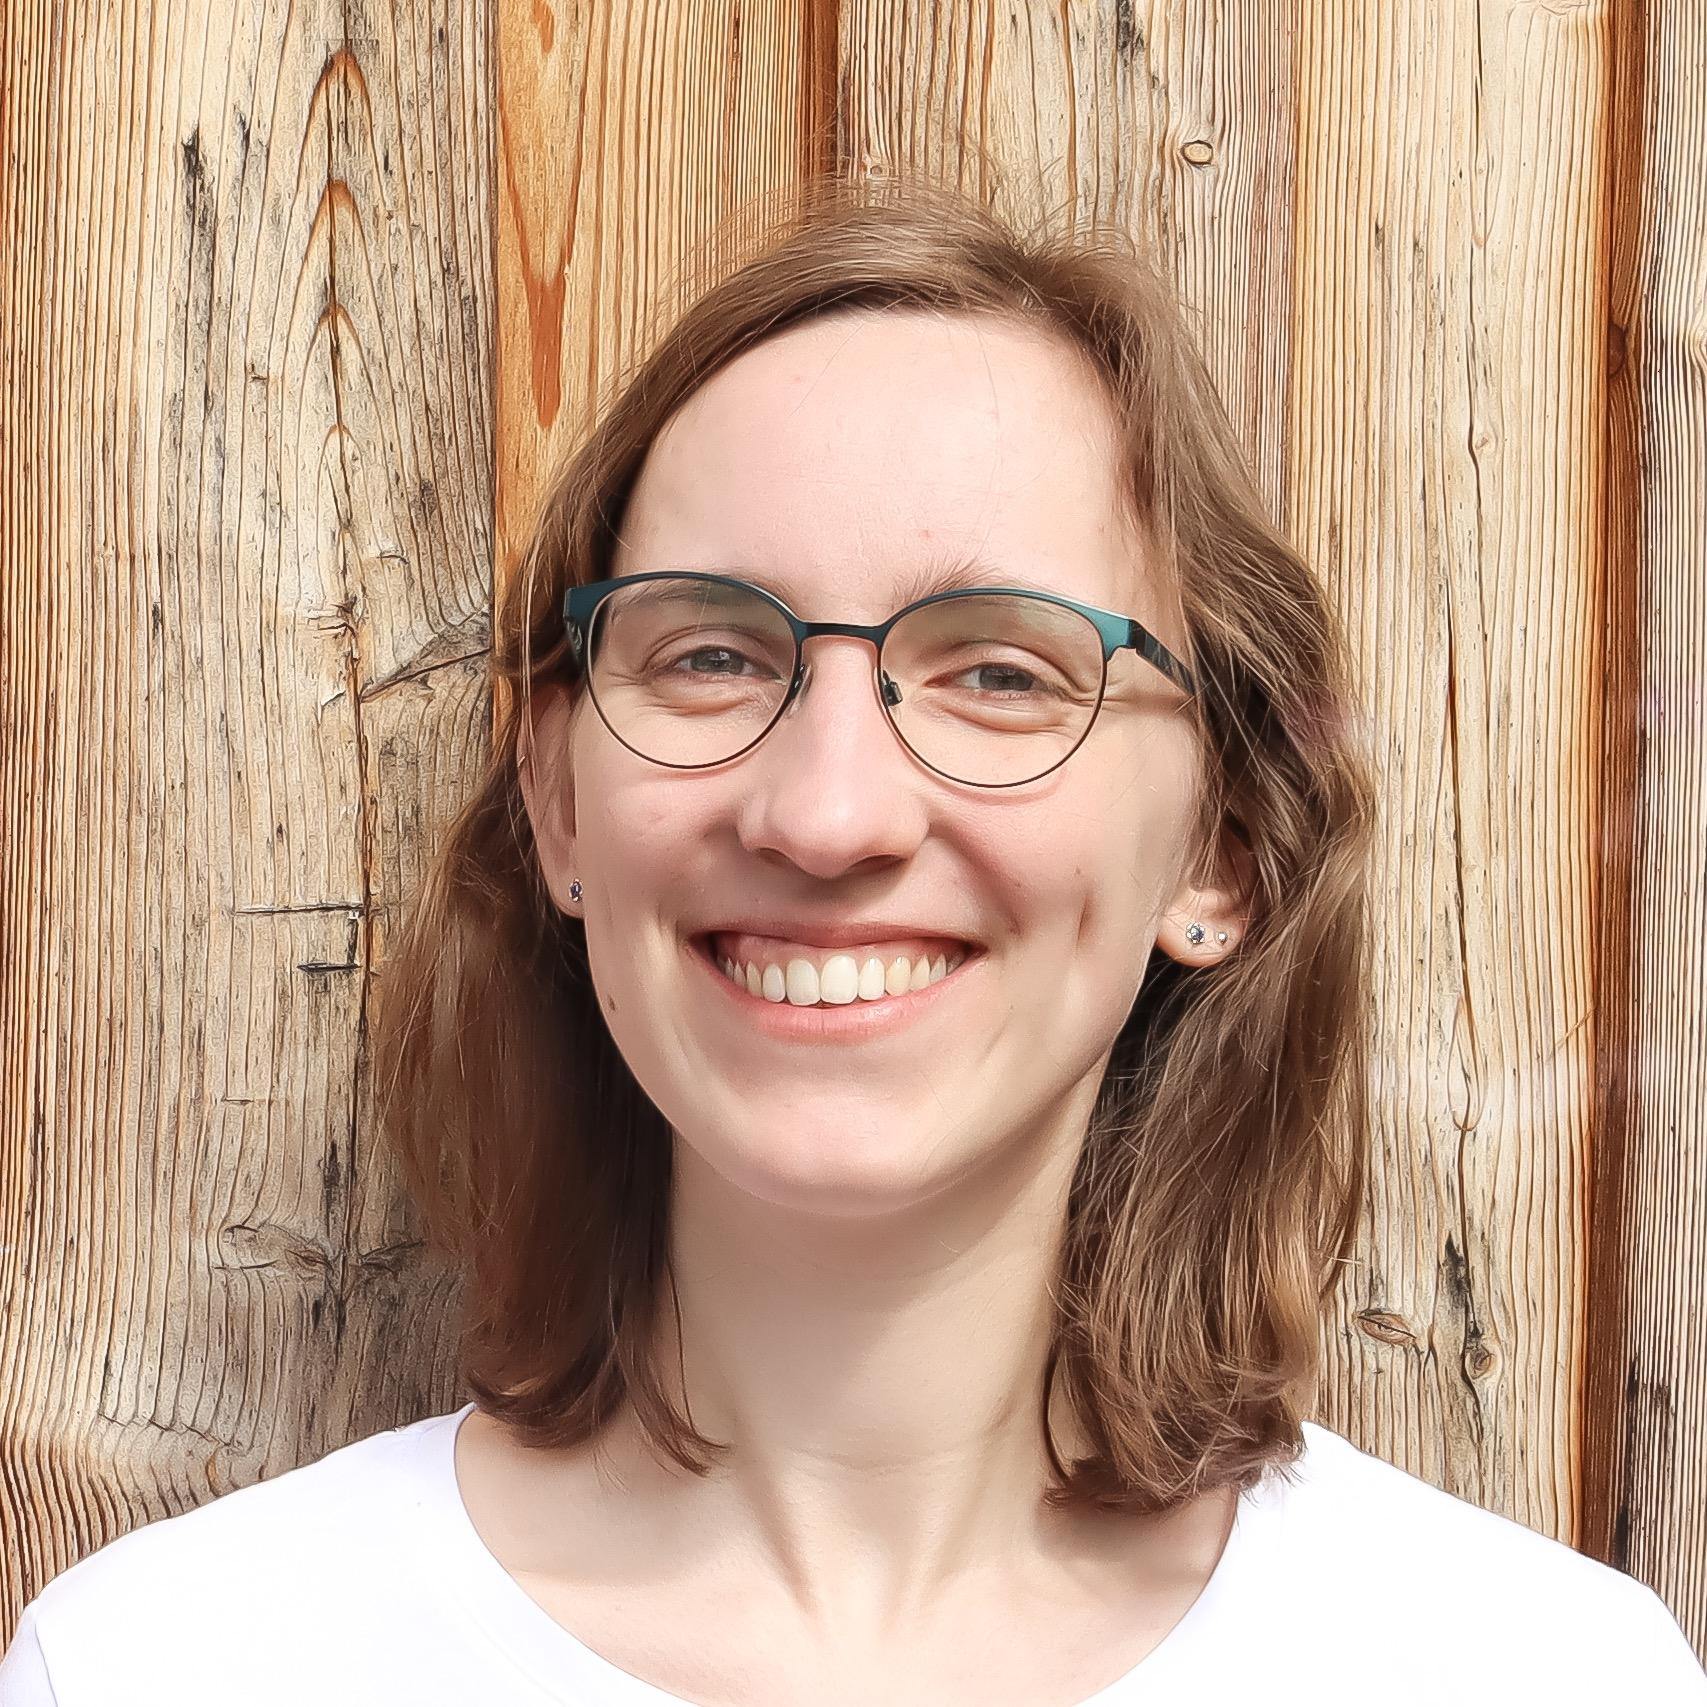 Miriam Bodenbenner